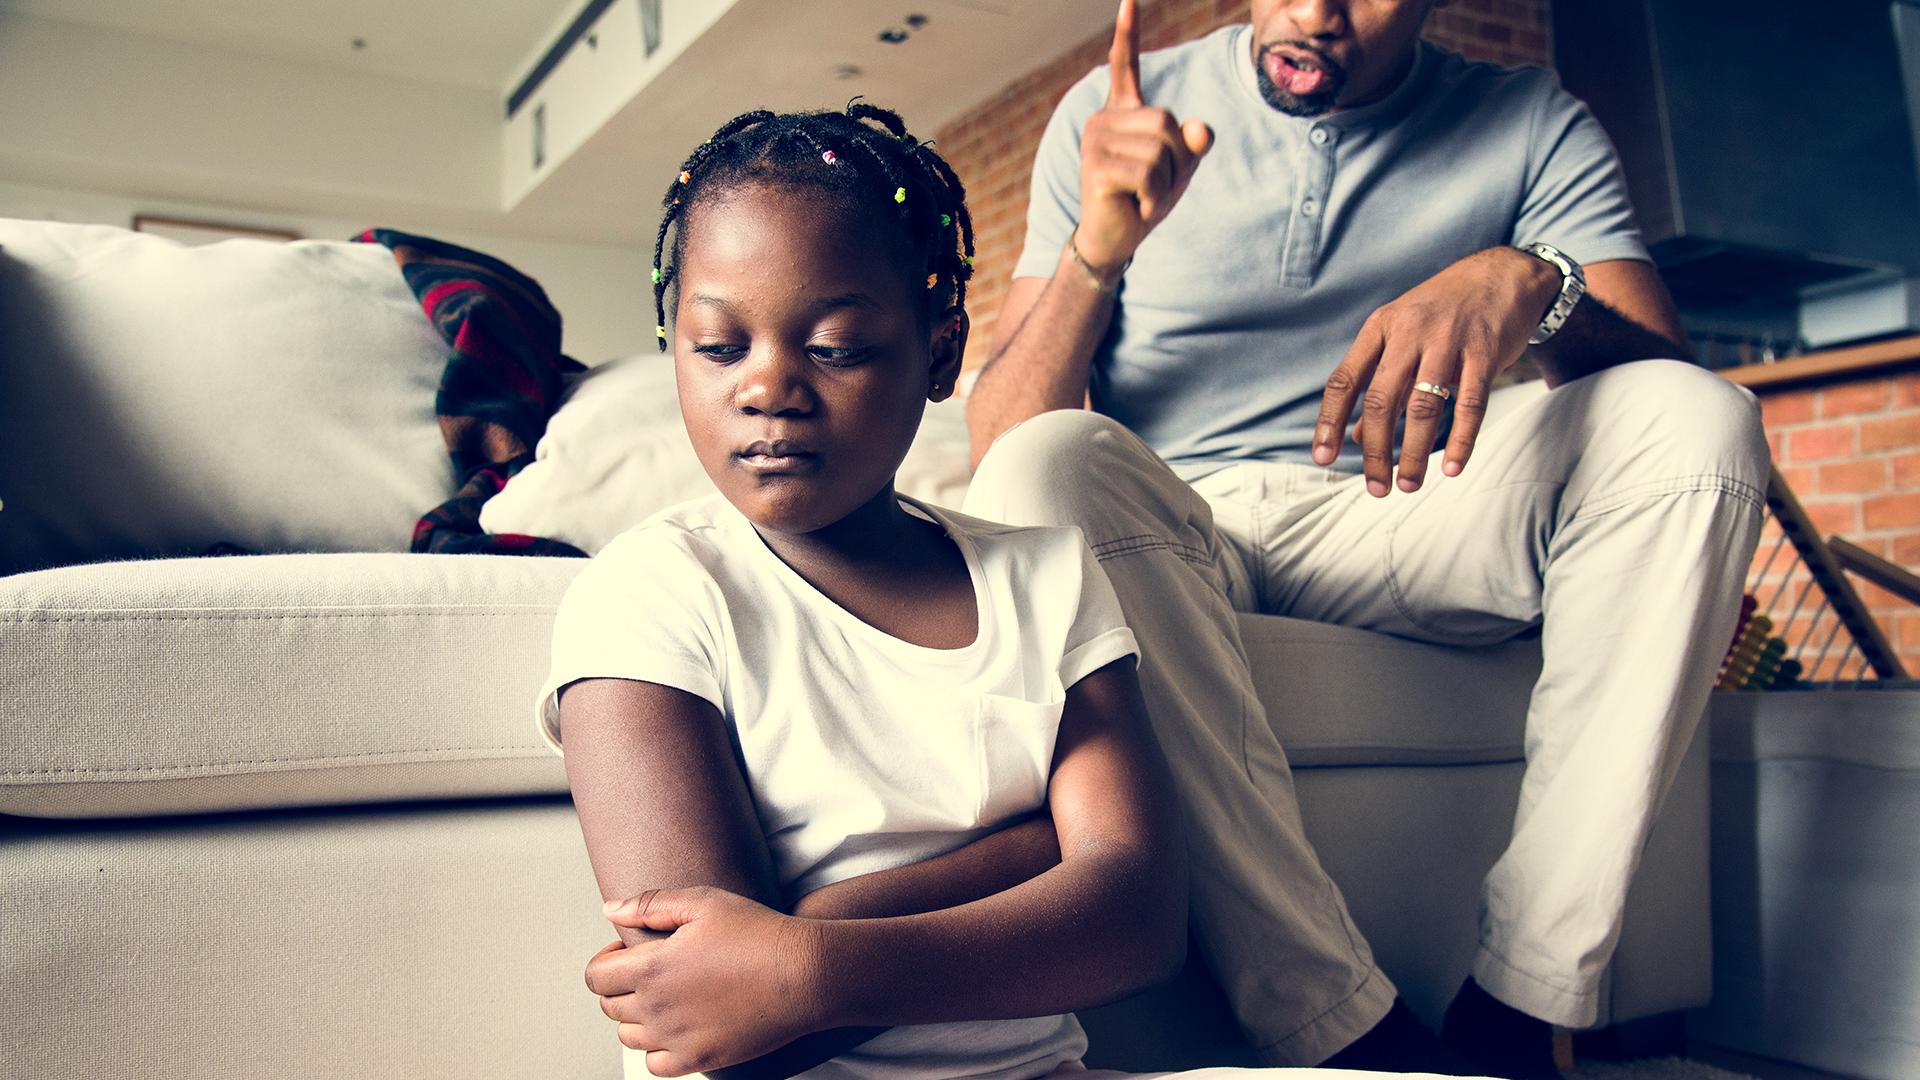 pai exigente - ansiedade